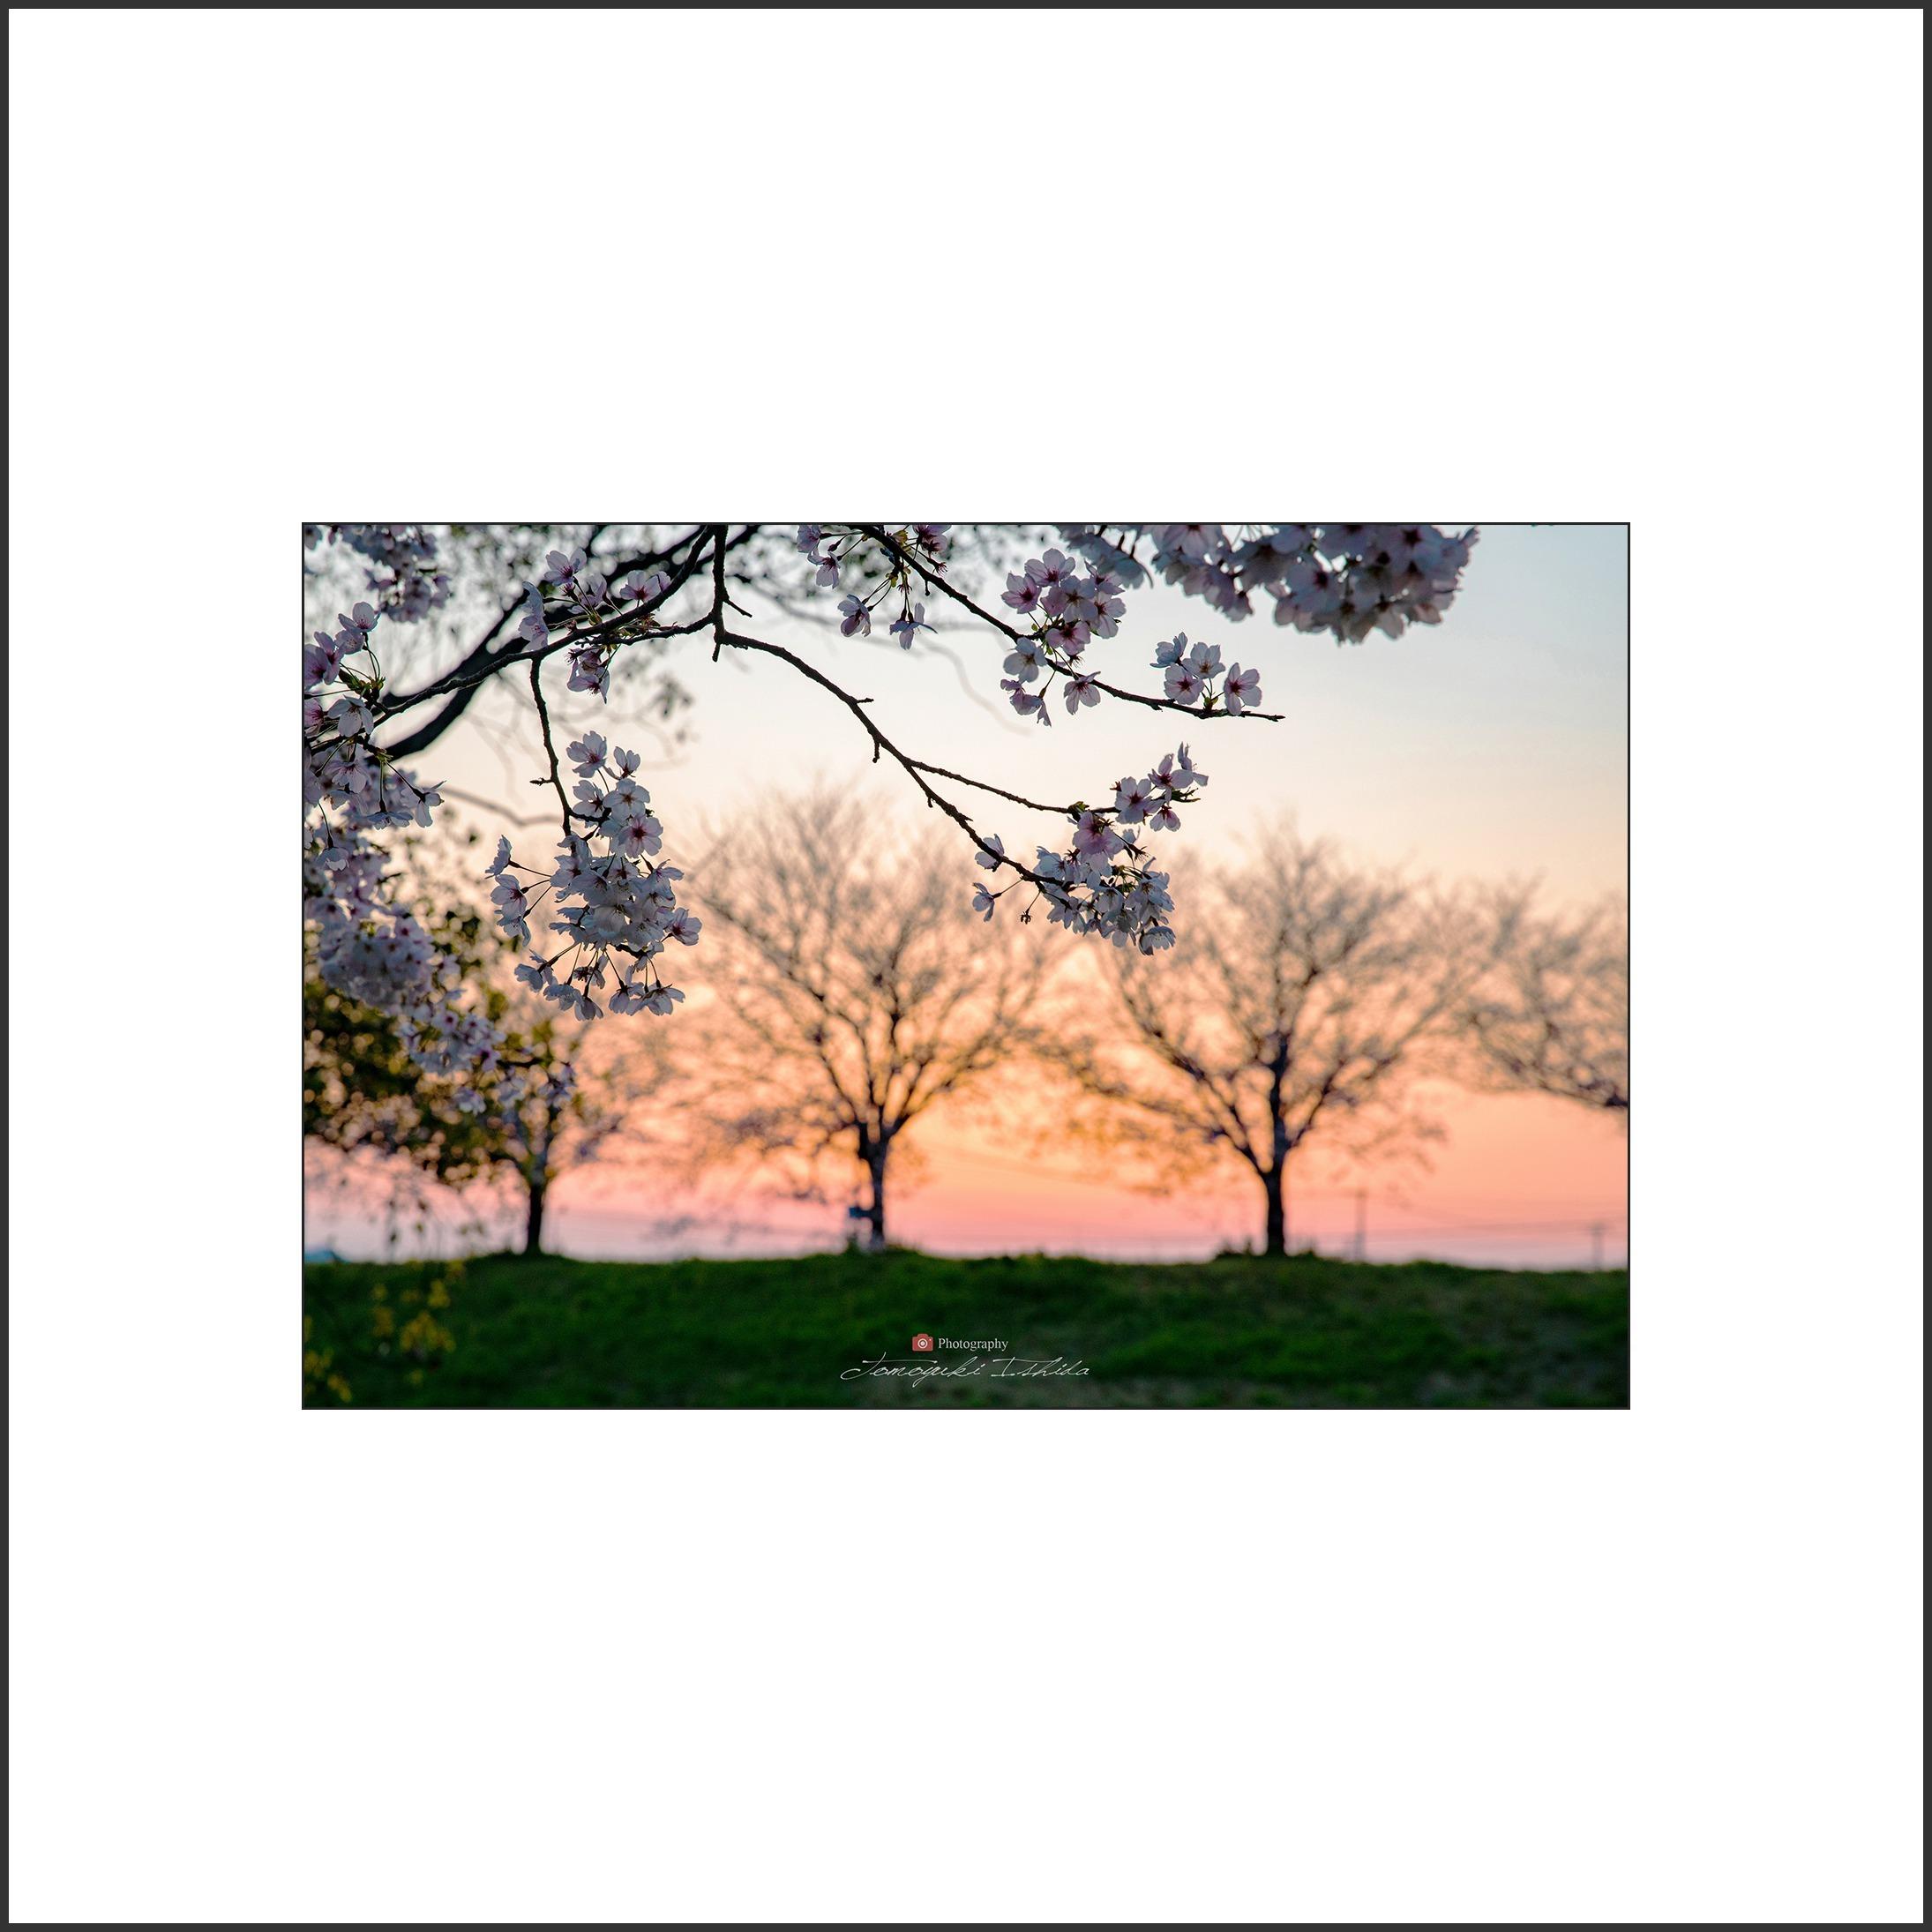 夕陽に誘われて_c0253556_06425205.jpg